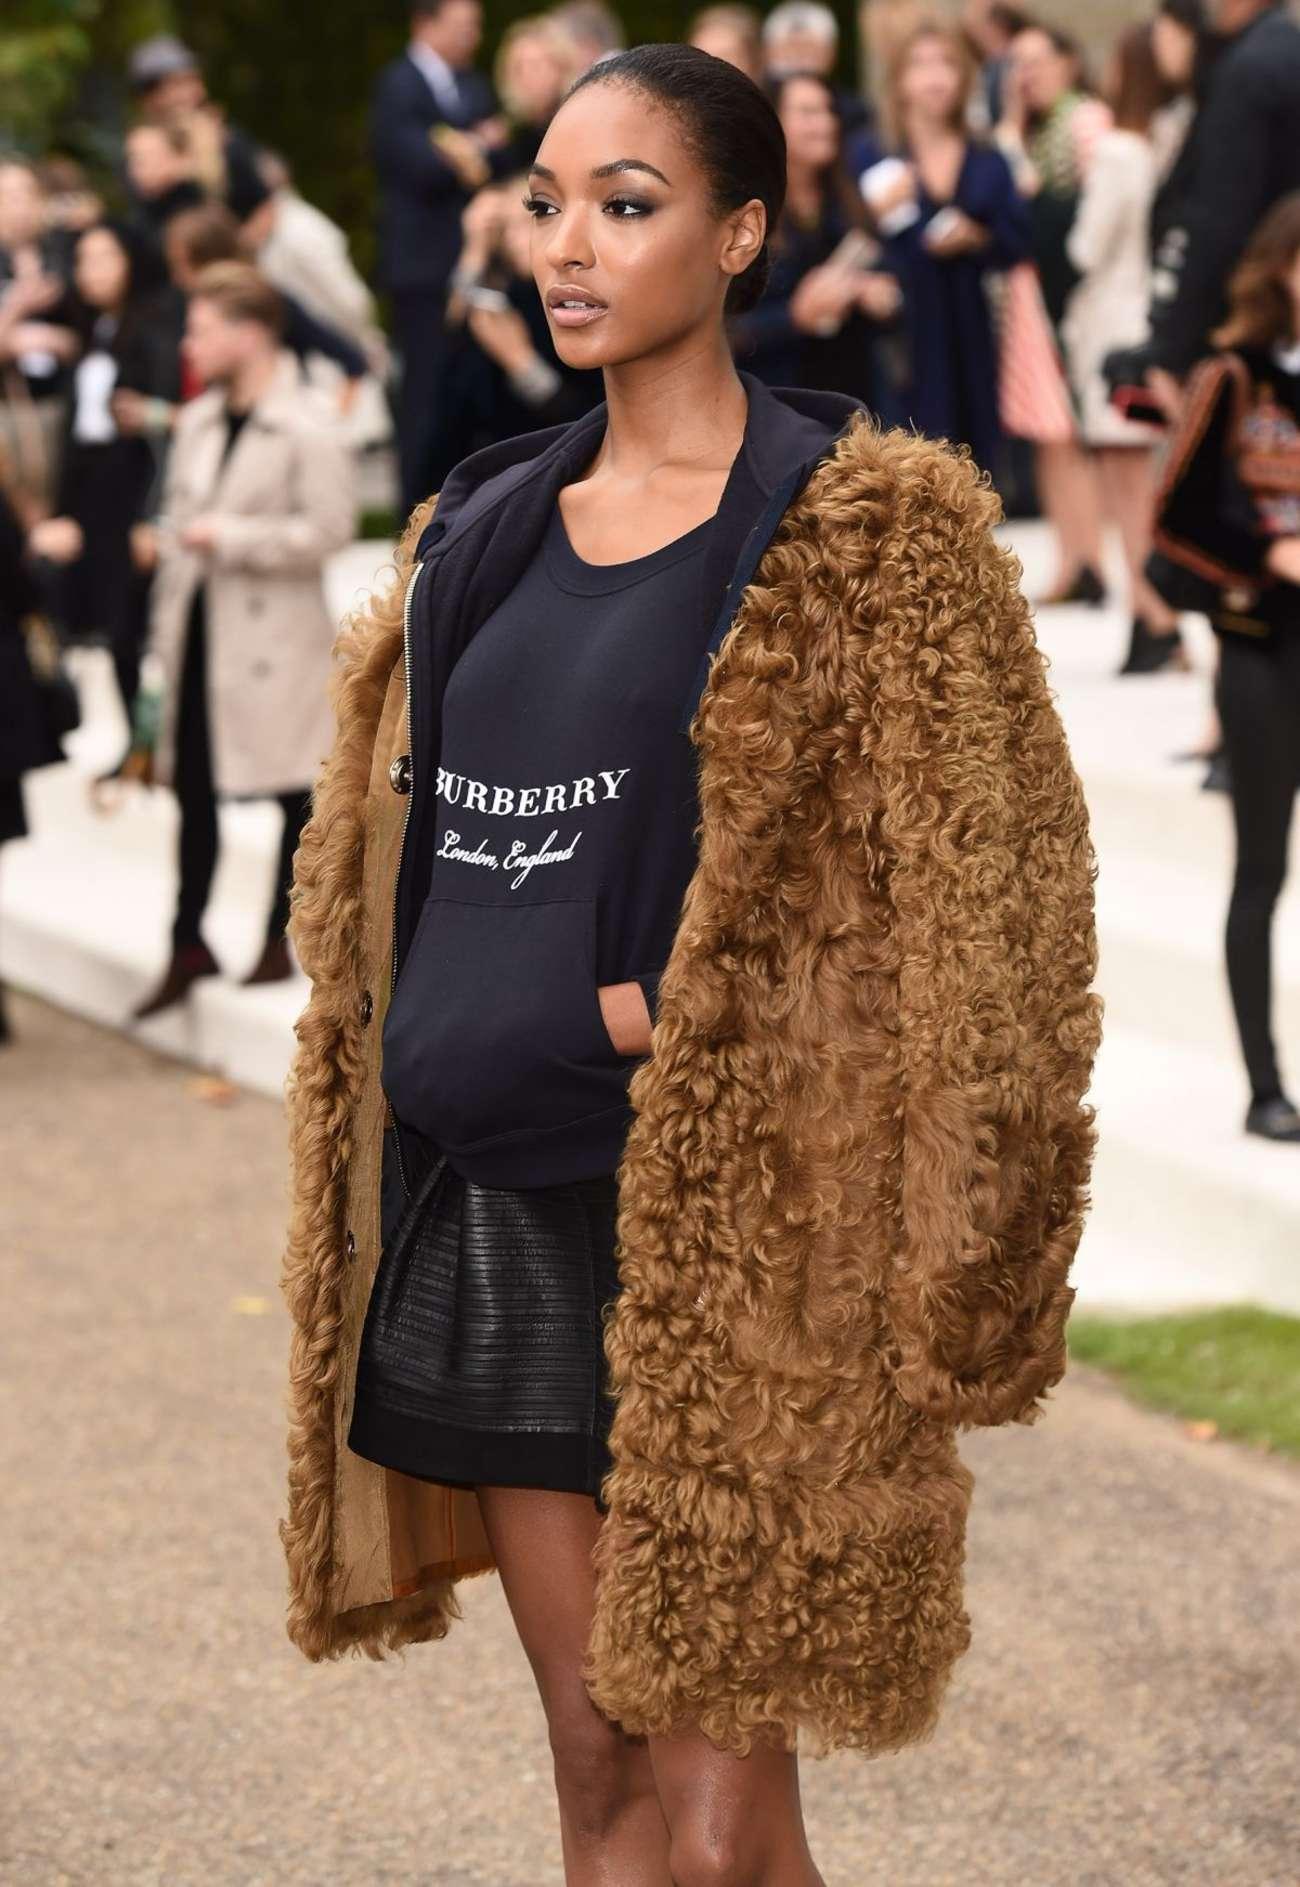 Jourdan Dunn attends Burberry Prorsum Fashion Show